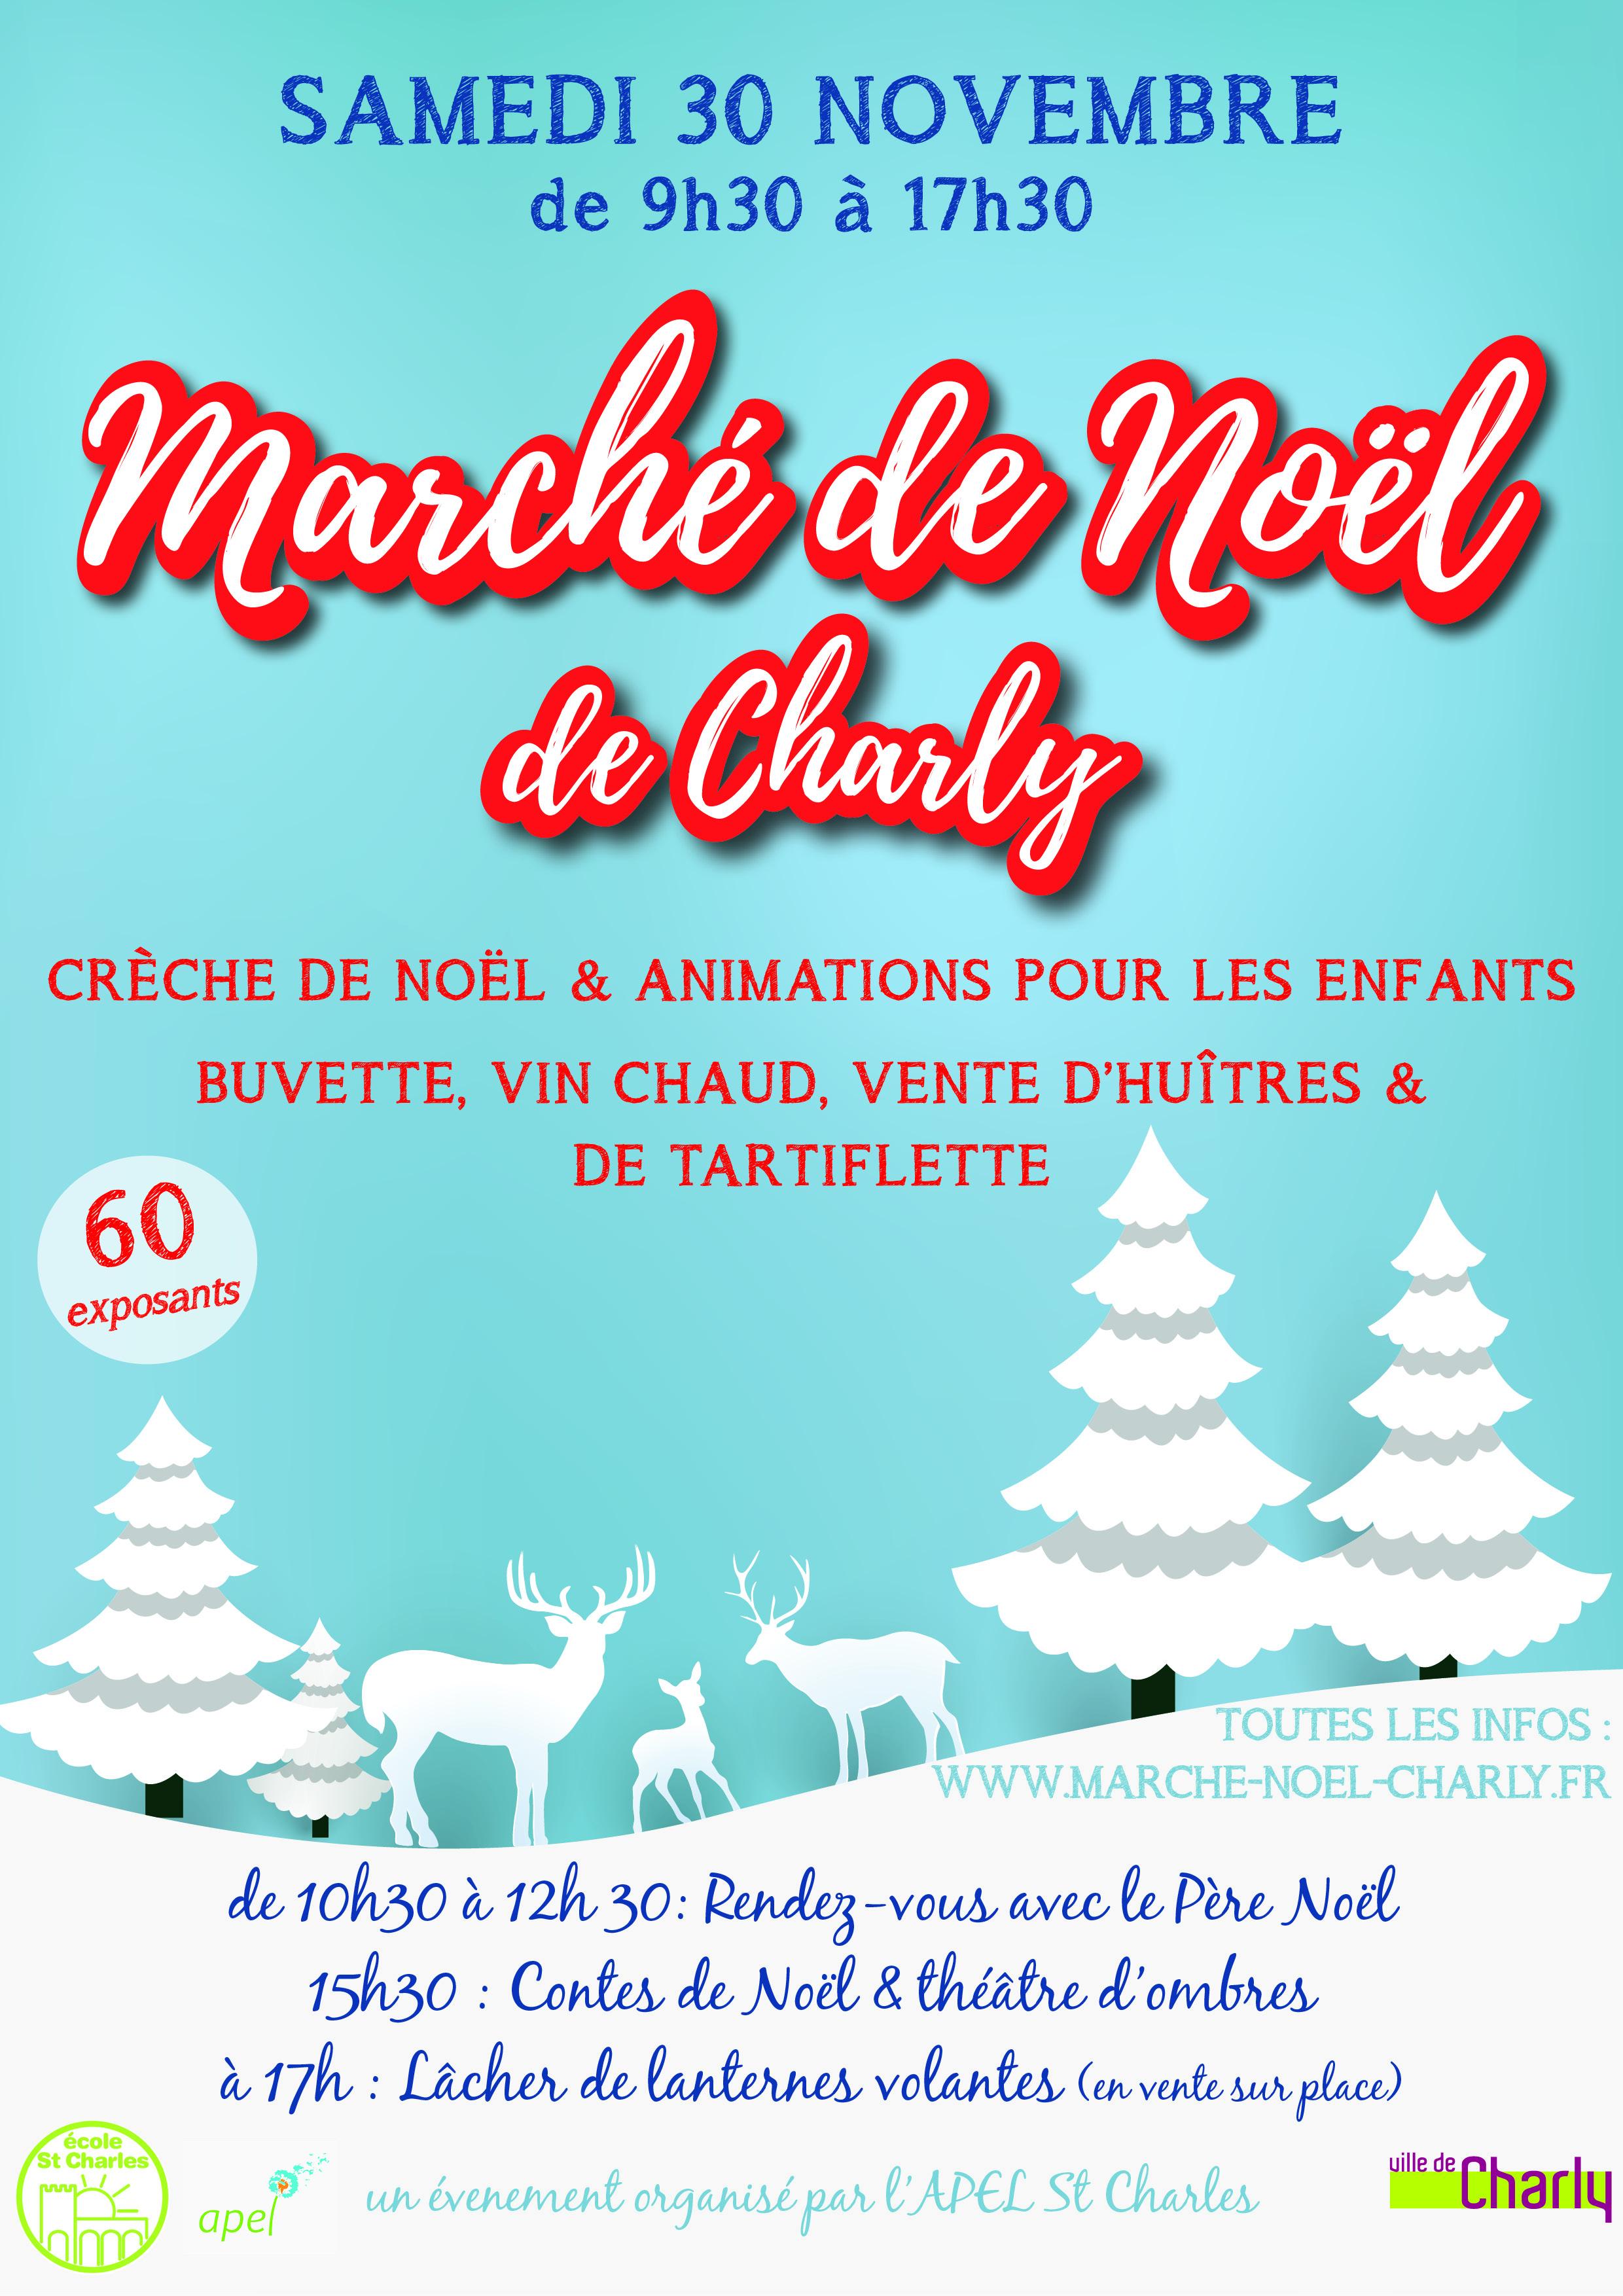 Marché de Noël de Charly